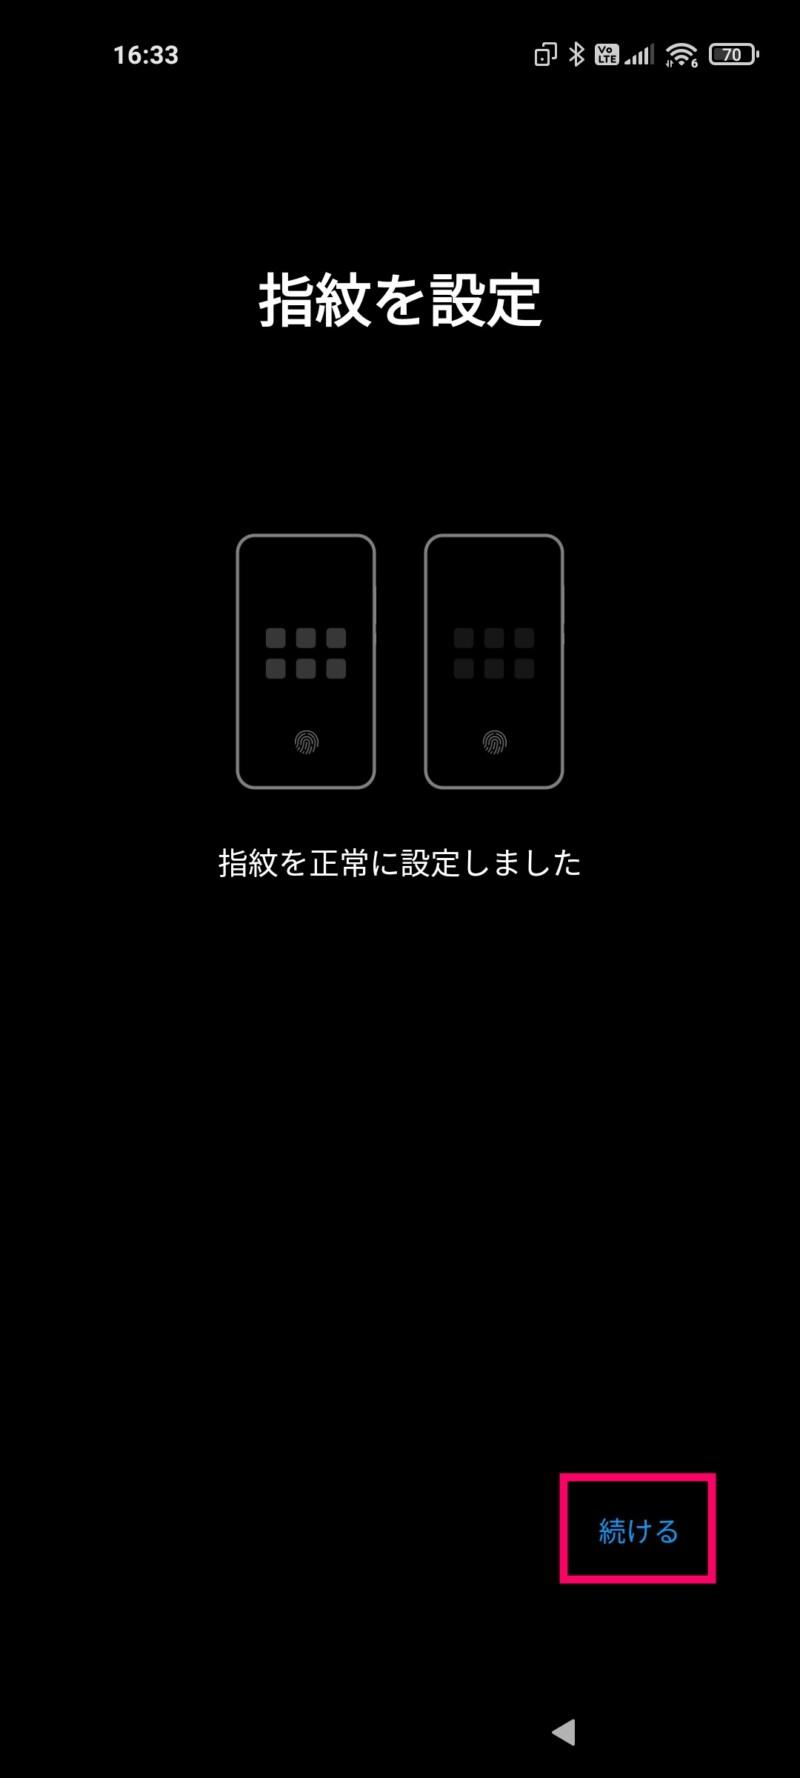 Mi 11 Lite 5Gでセカンドスペース機能を使う方法9